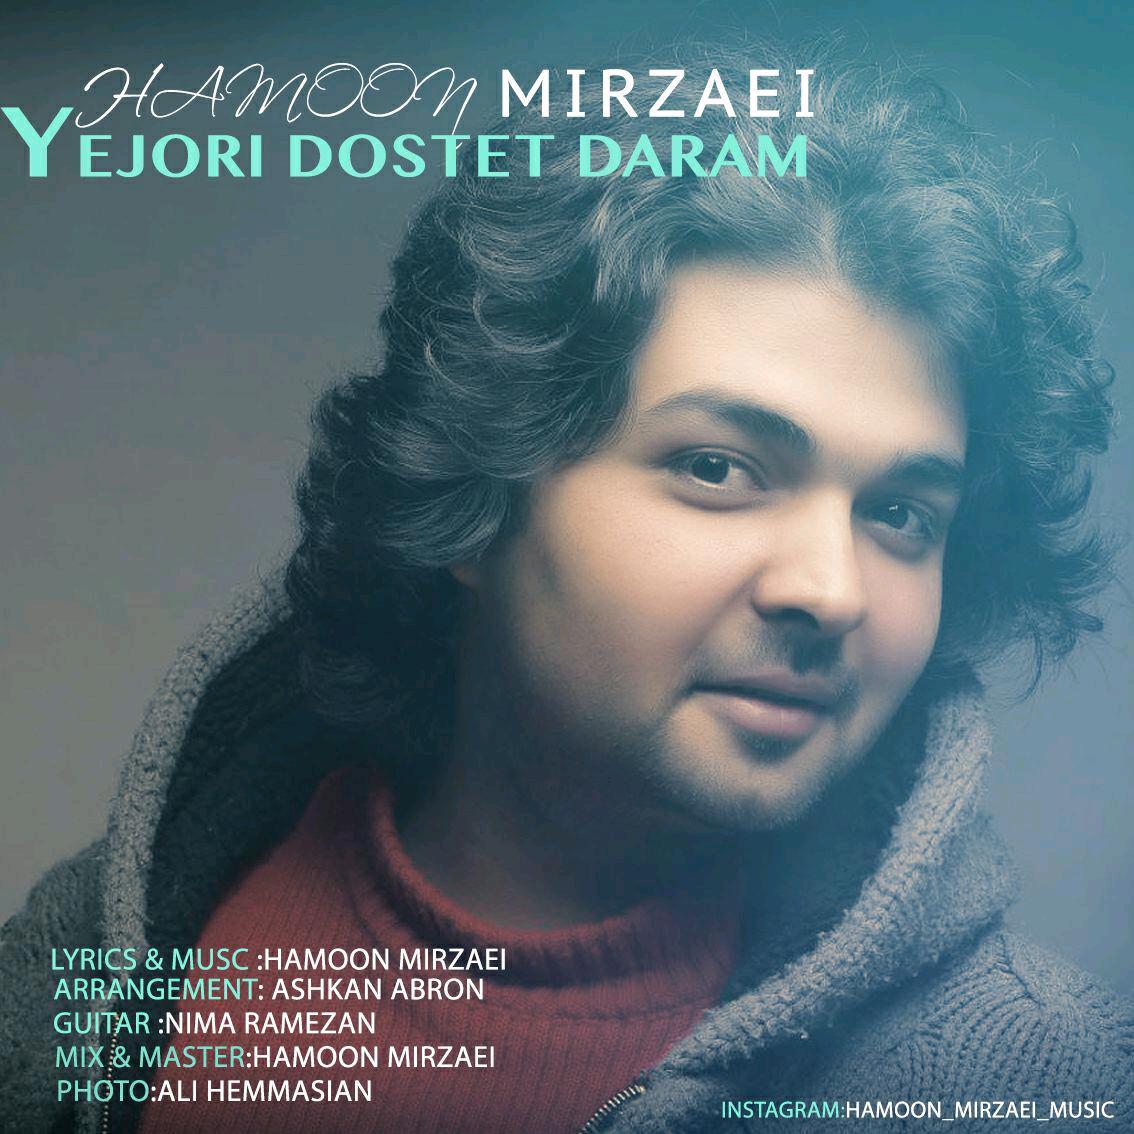 Hamoon Mirzaei – Yejori Dostet Daram